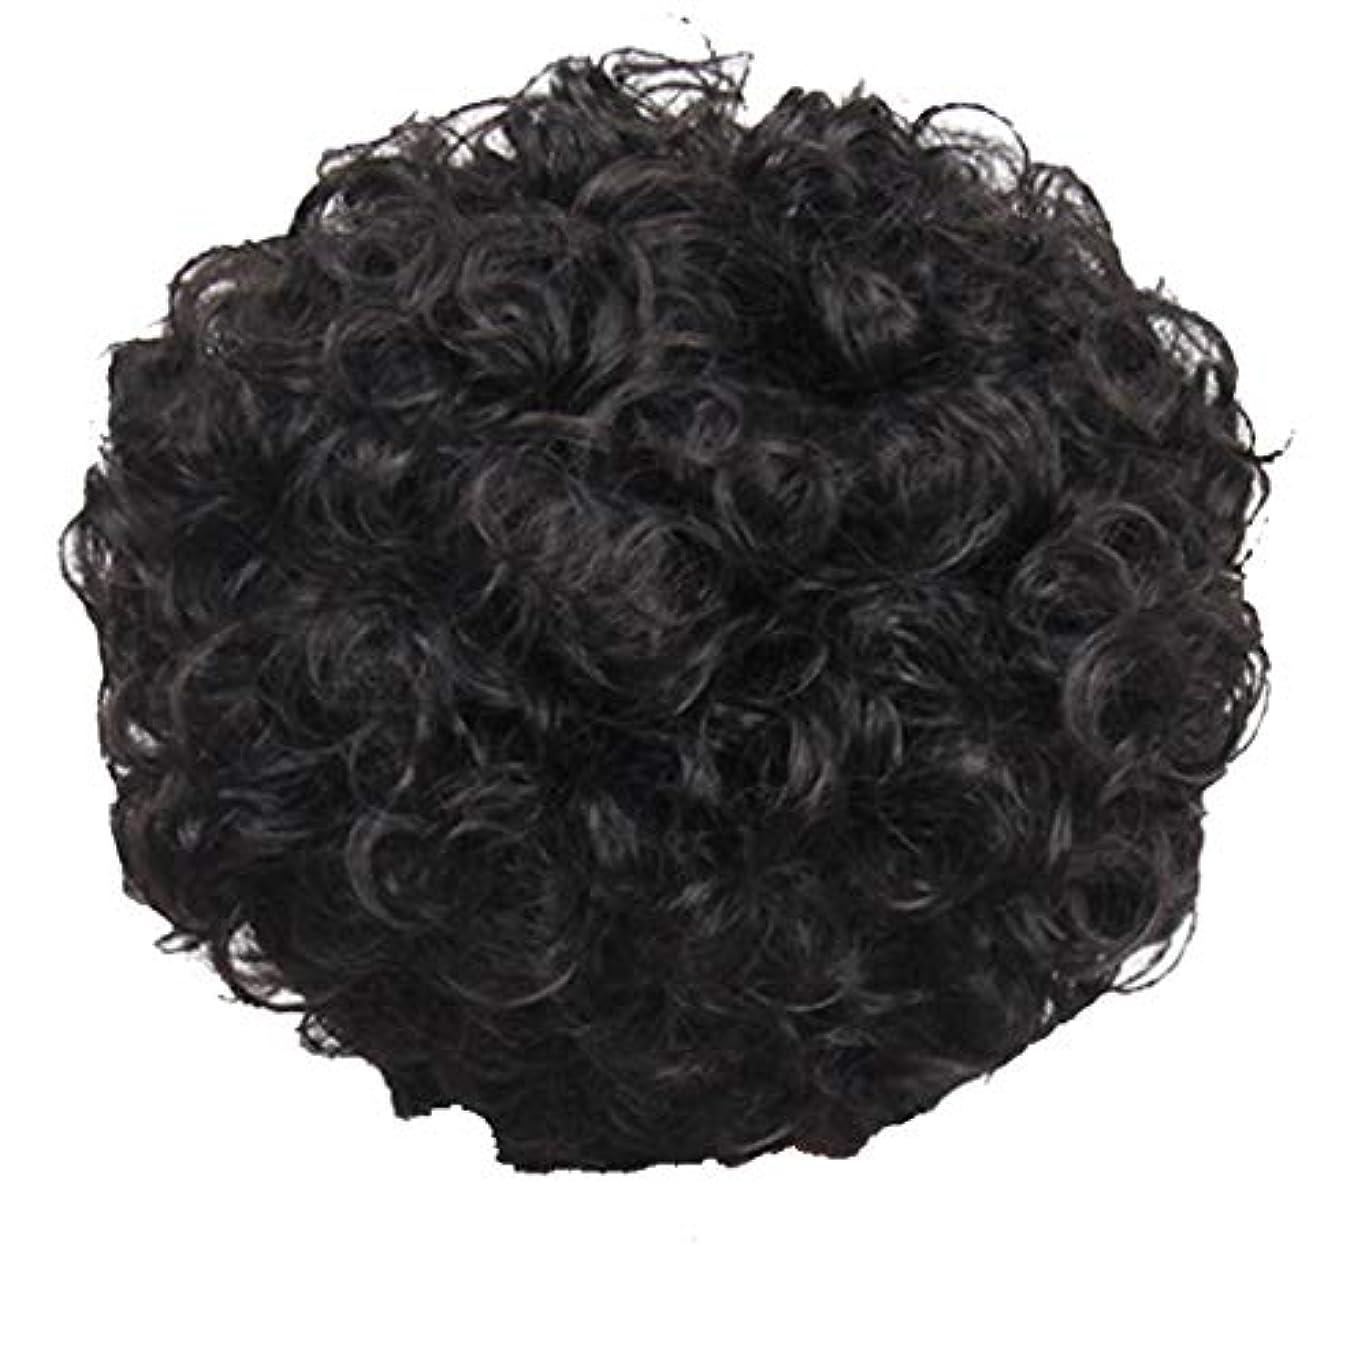 しなやかなあまりにも花火かつら、女性、短い髪、巻き毛、かつら、エルフカット、かつらキャップ、27cm